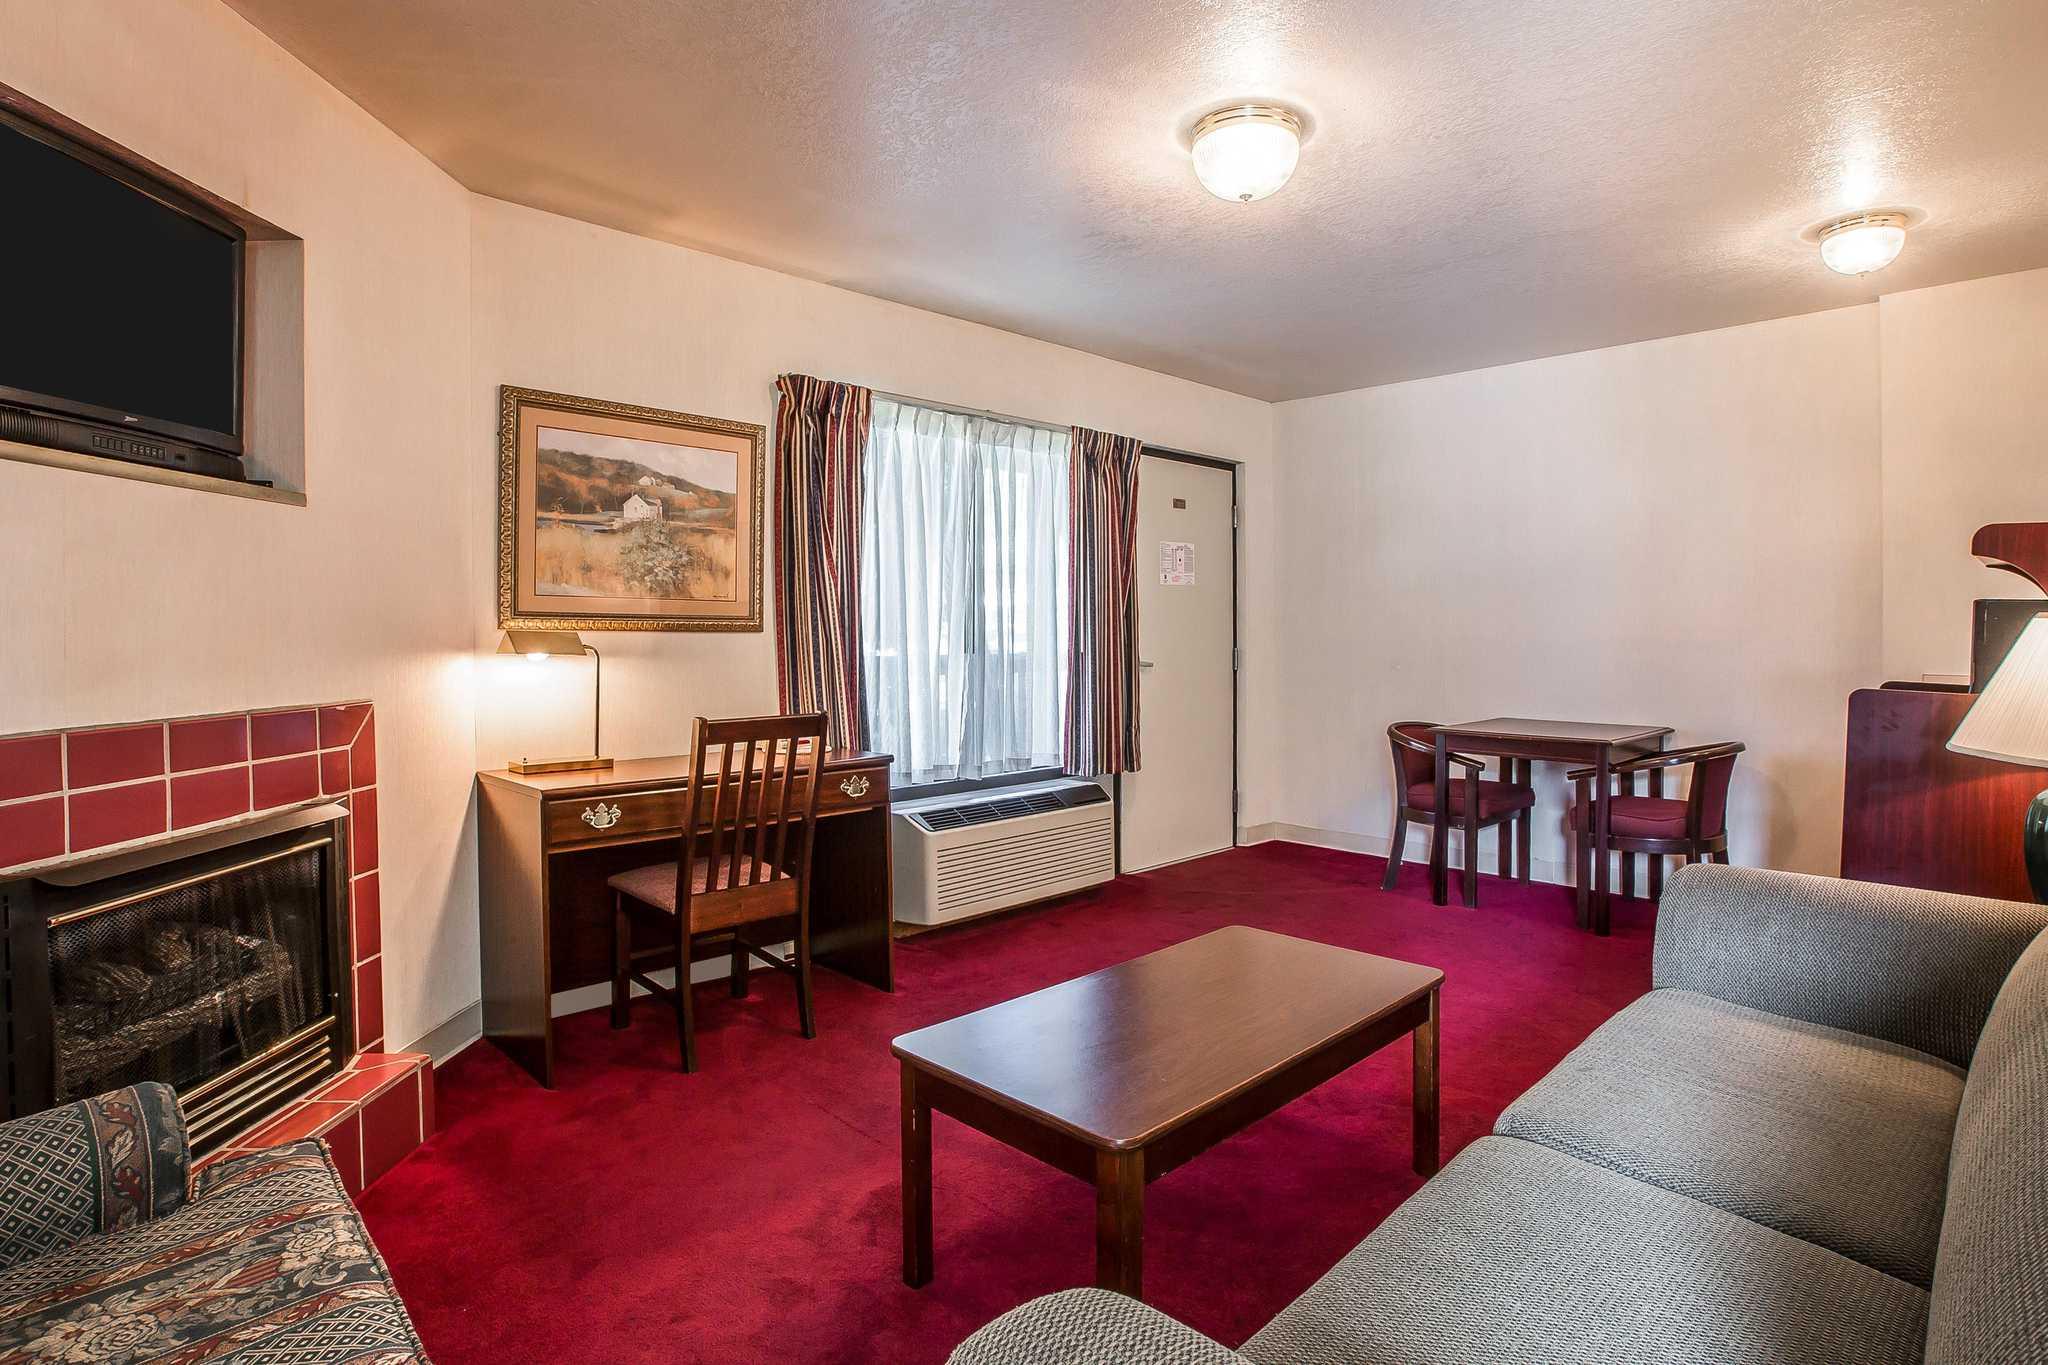 Quality Inn & Suites Mt. Chalet image 20